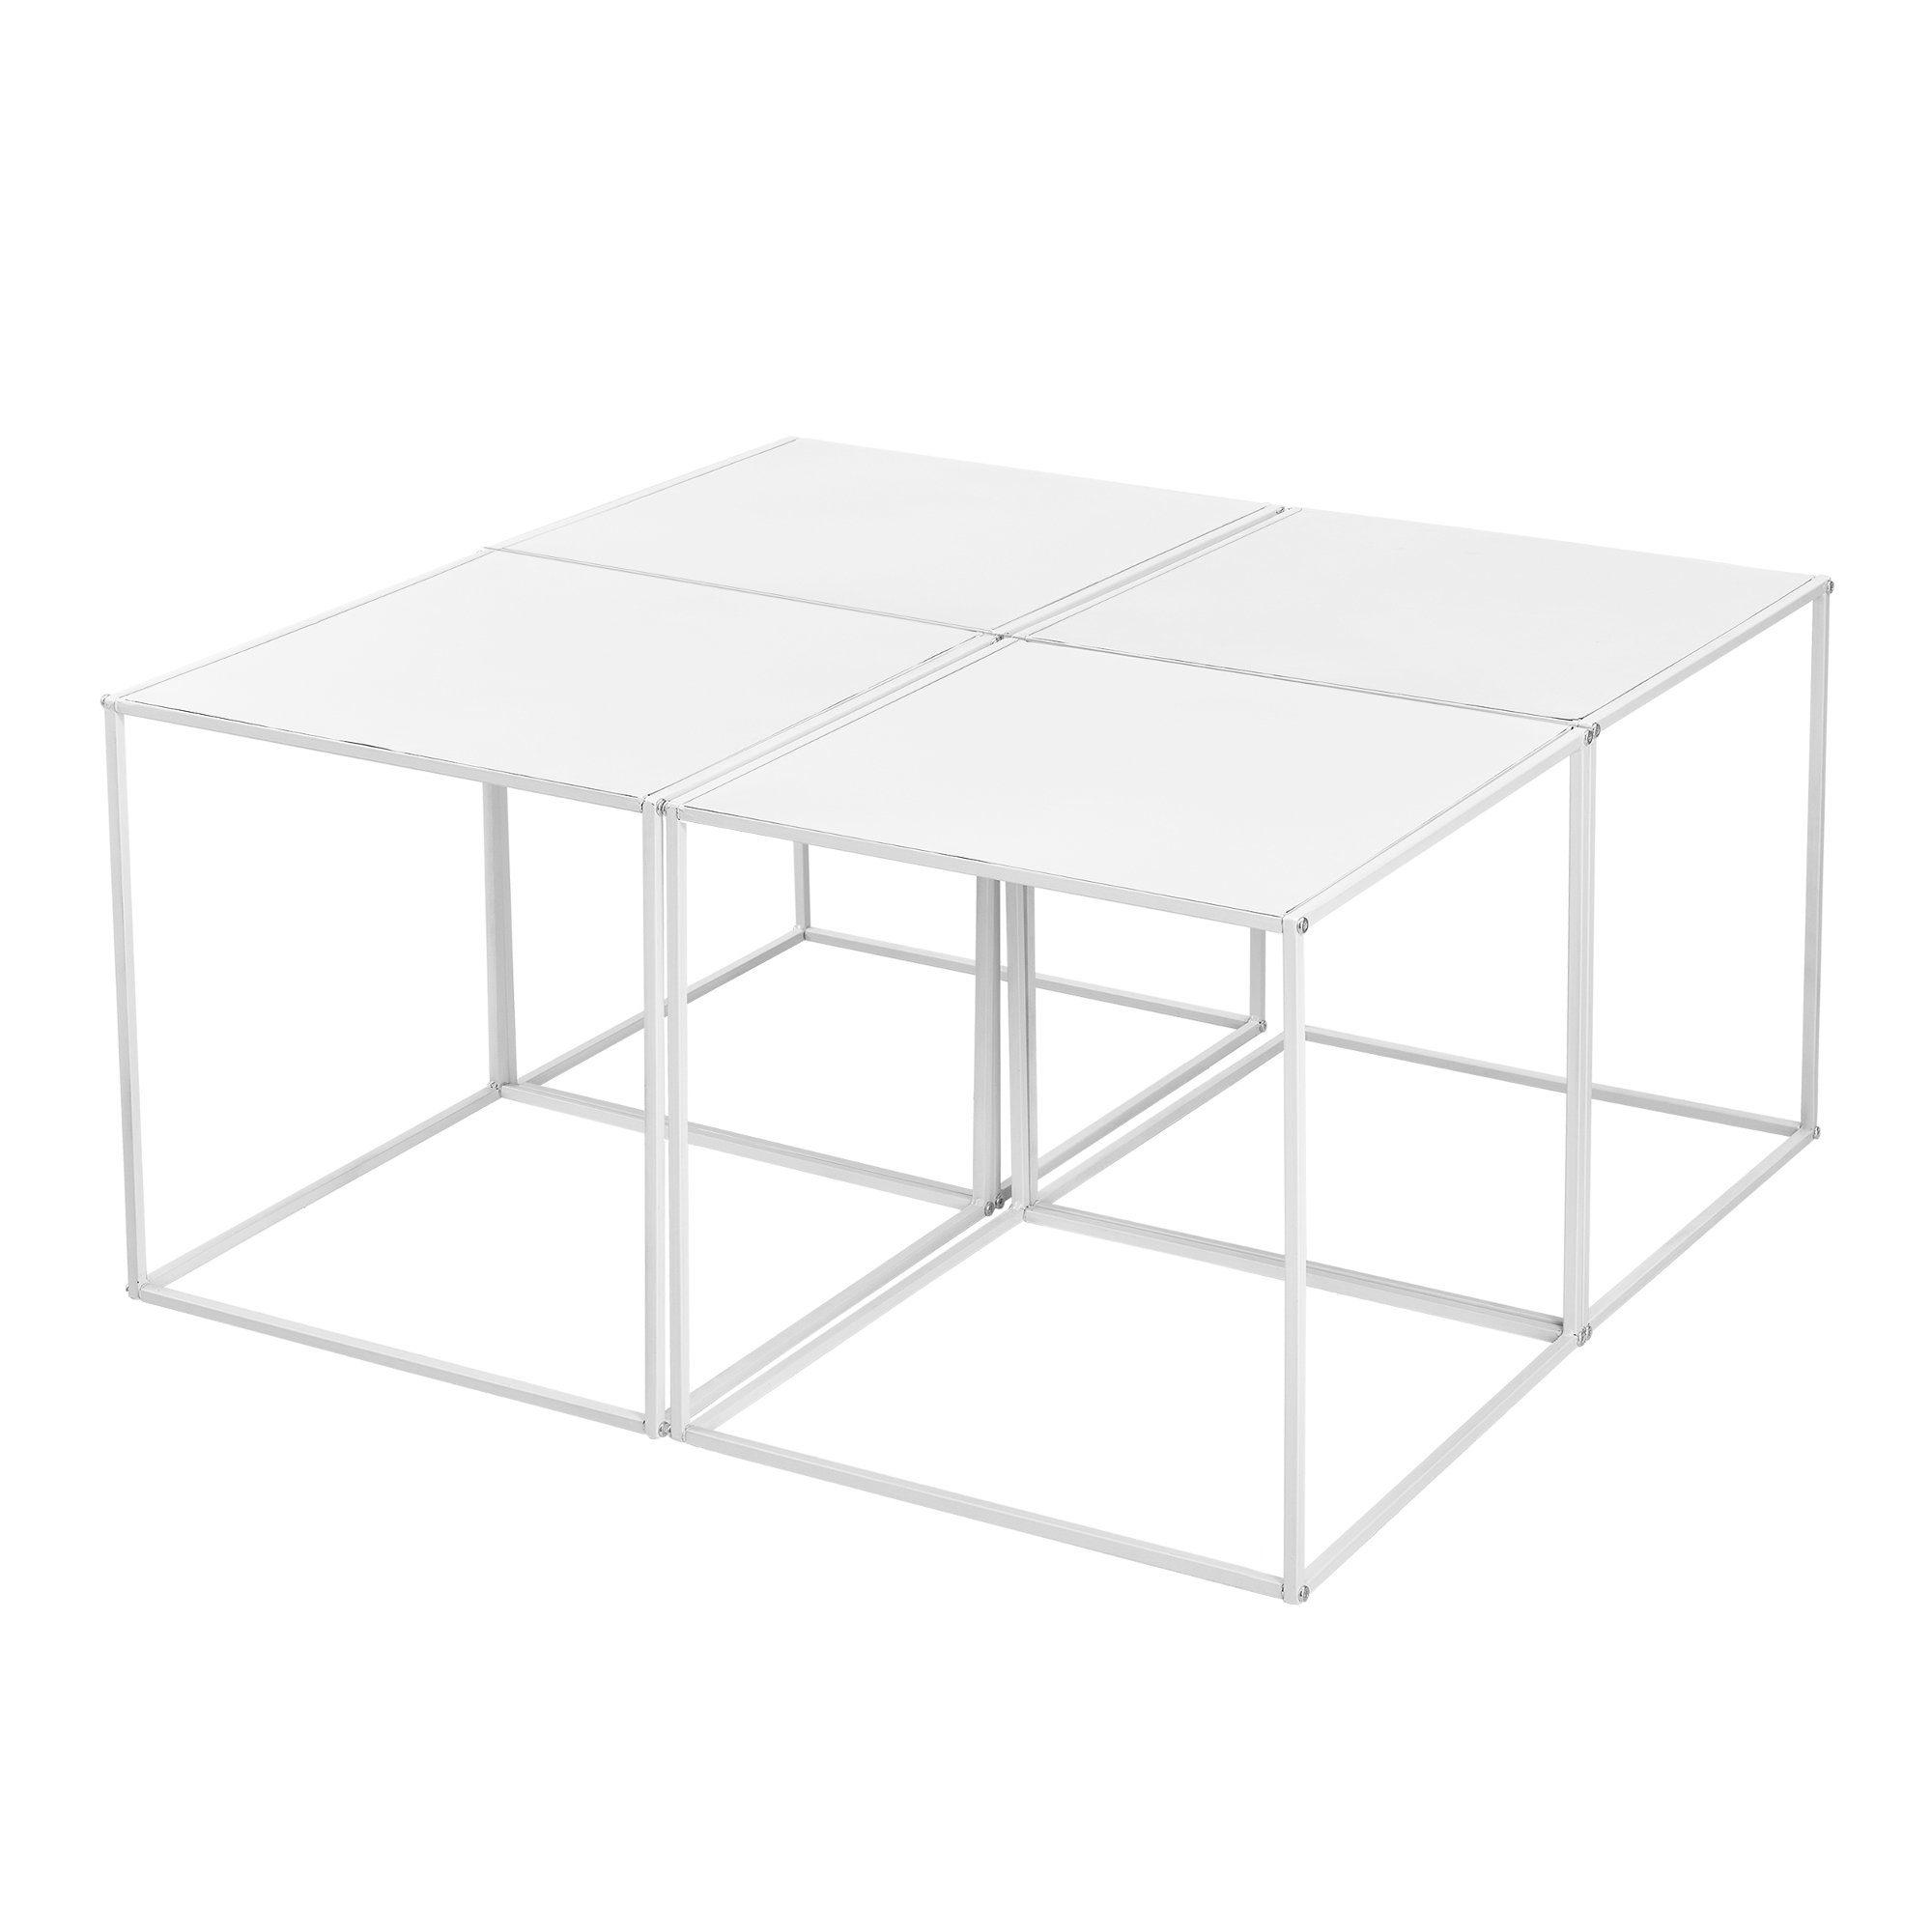 en.casa Couchtisch, »Monarch« 4er Set Weiß je 45x45x45cm online kaufen | OTTO